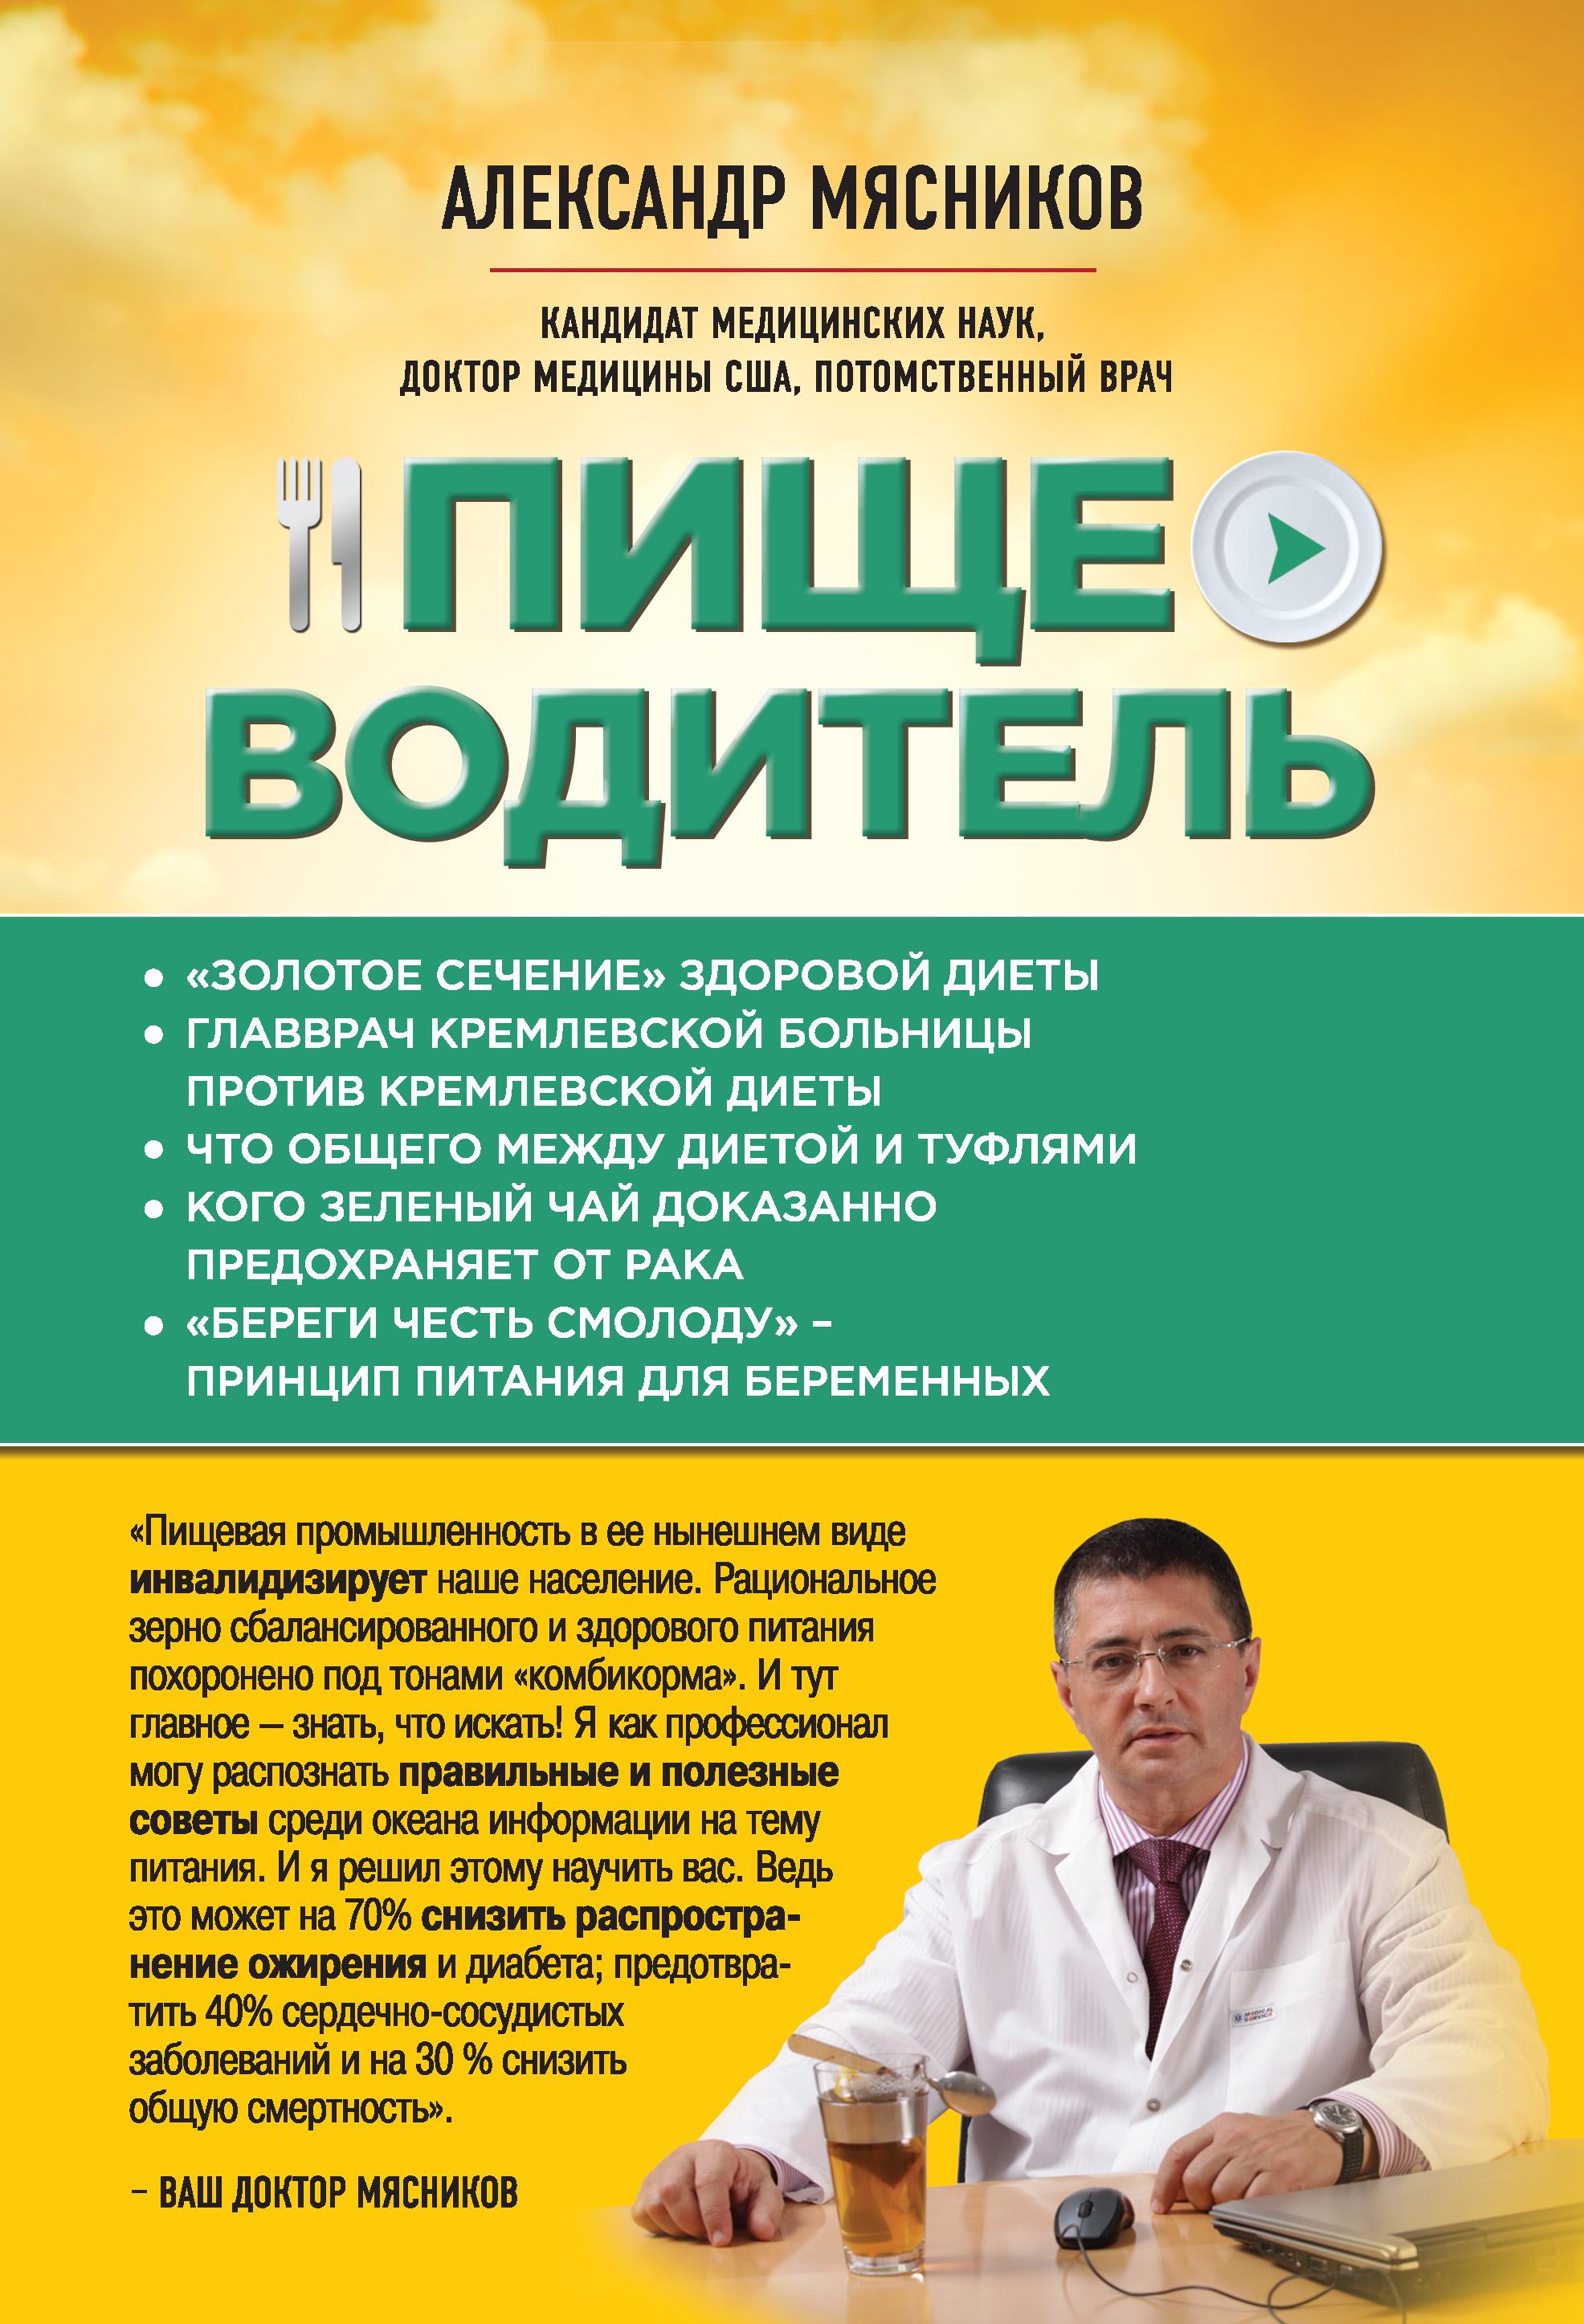 Мясников русская рулетка книга читать онлайн бесплатно игровая программа казино